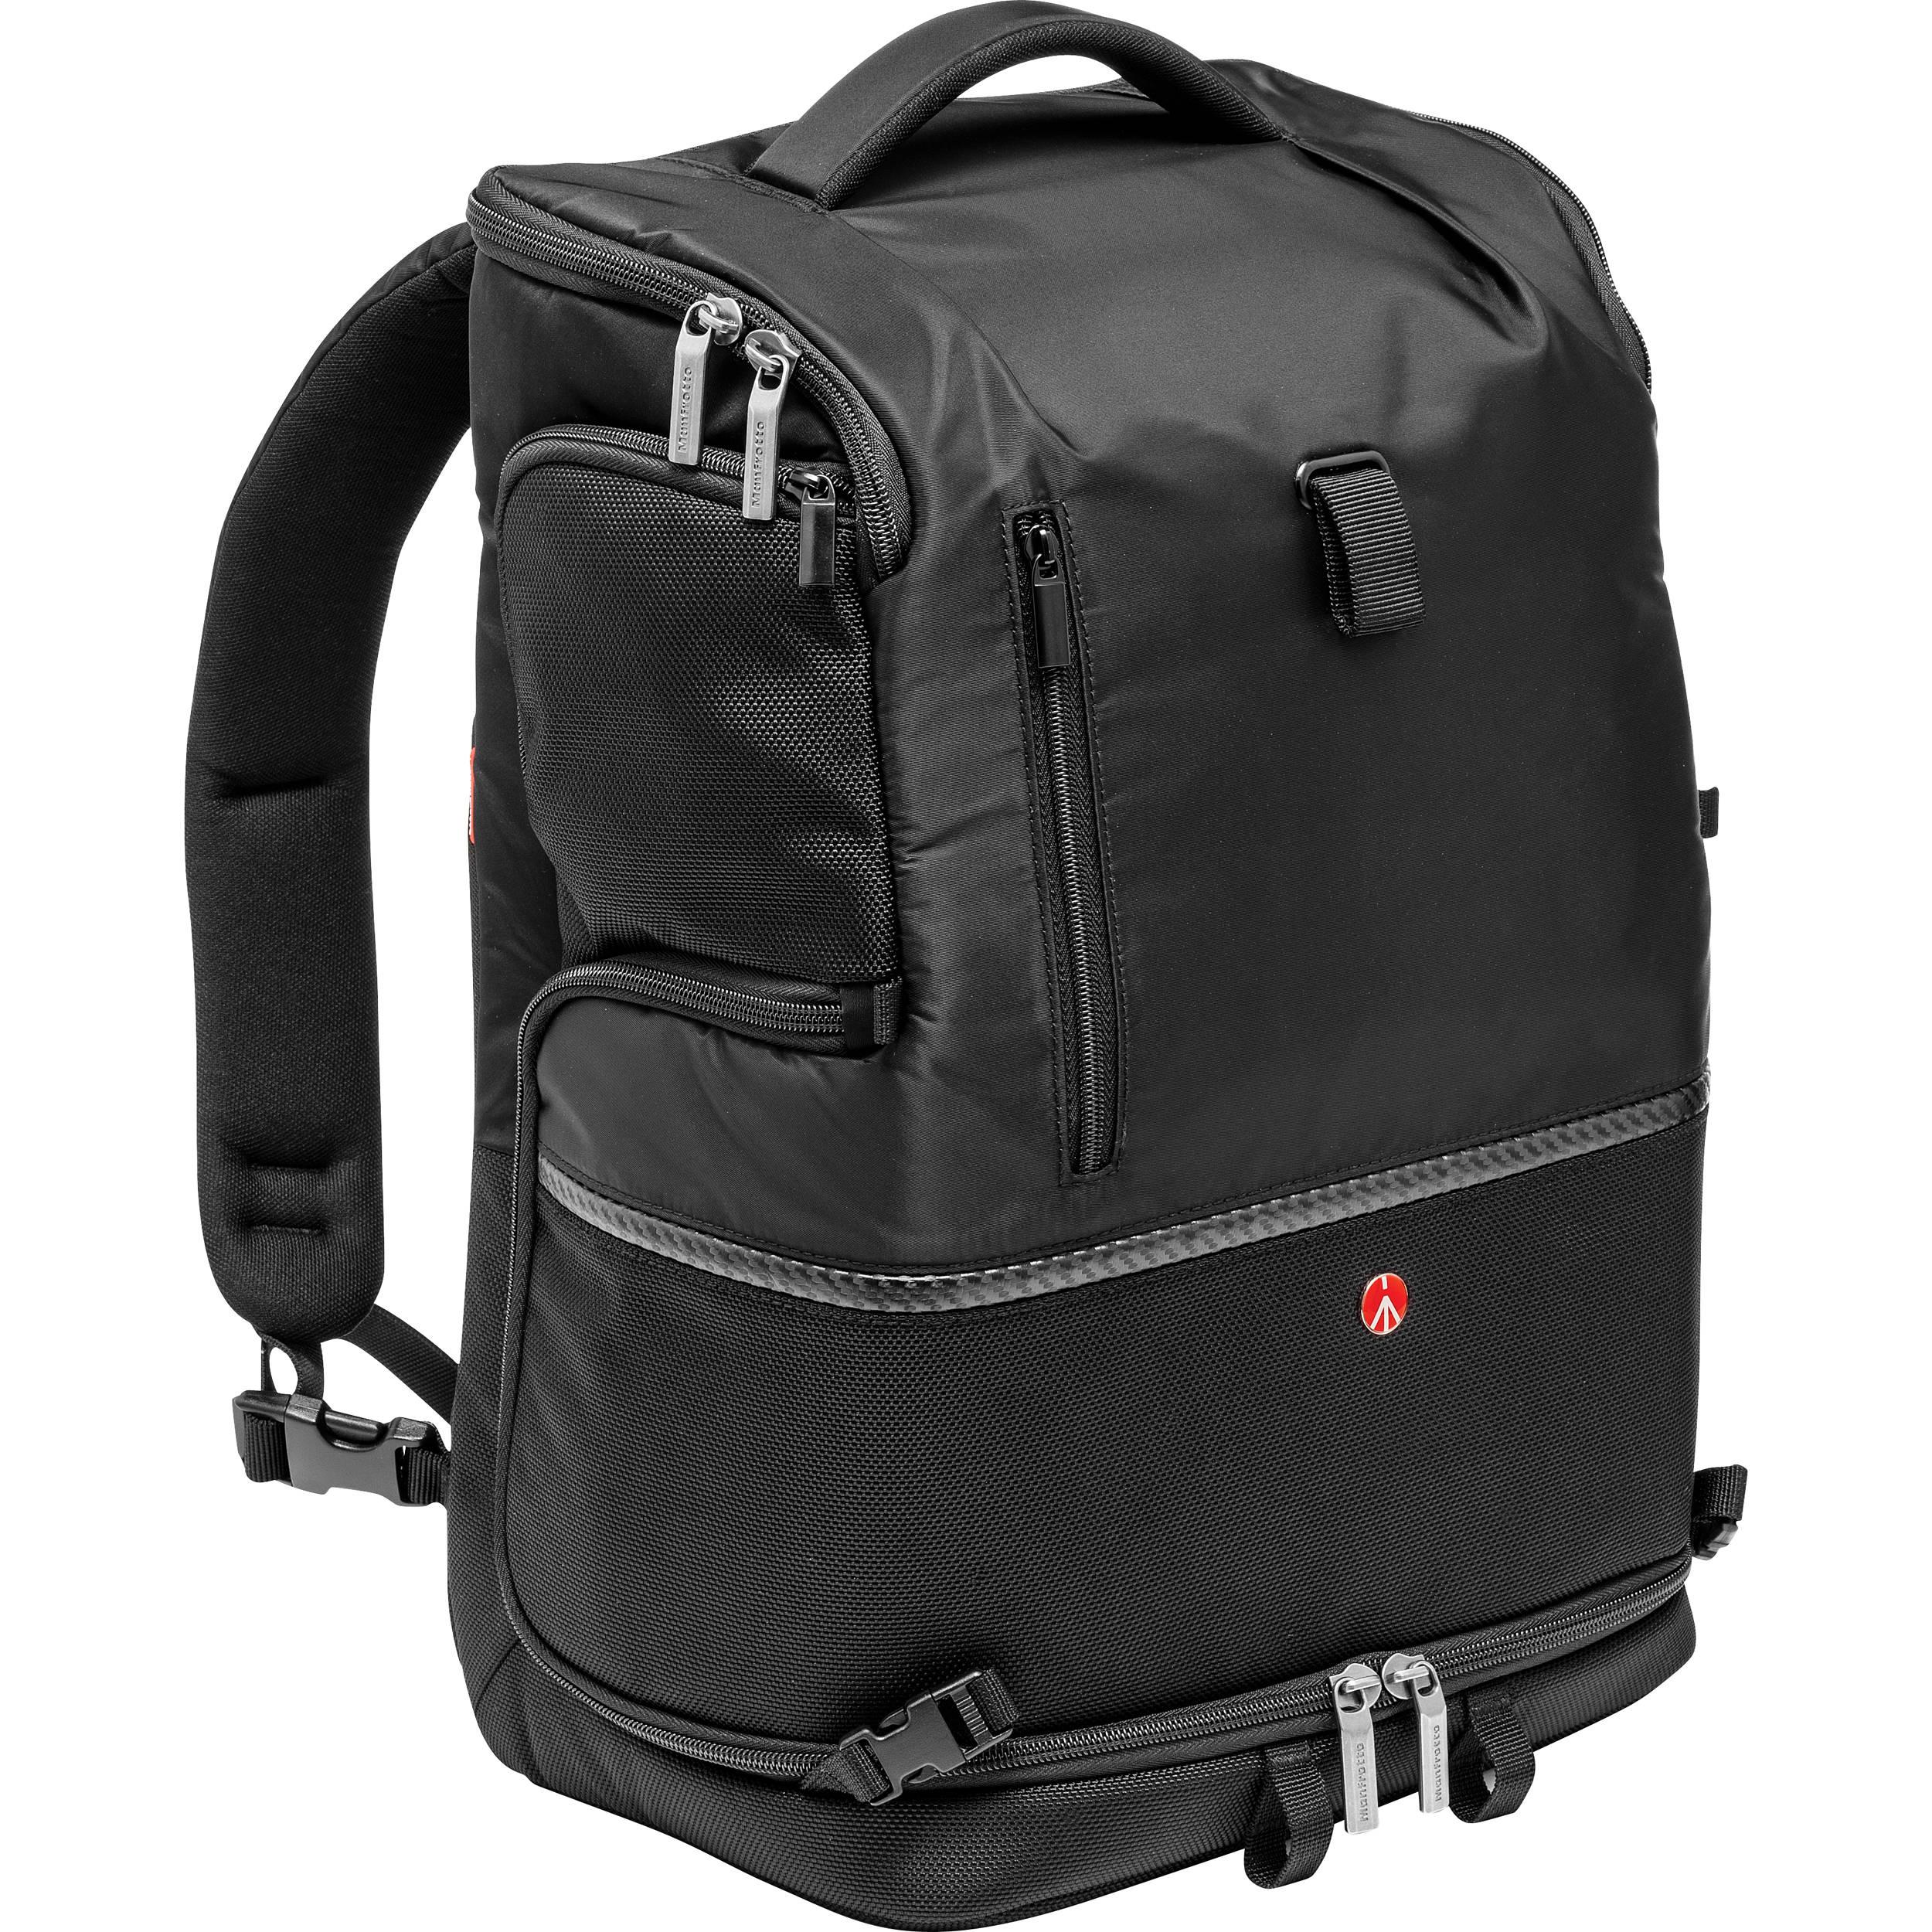 ◎相機專家◎ Manfrotto Tri Backpack L MB MA-BP-TL 專業級3合1斜肩後背包 公司貨